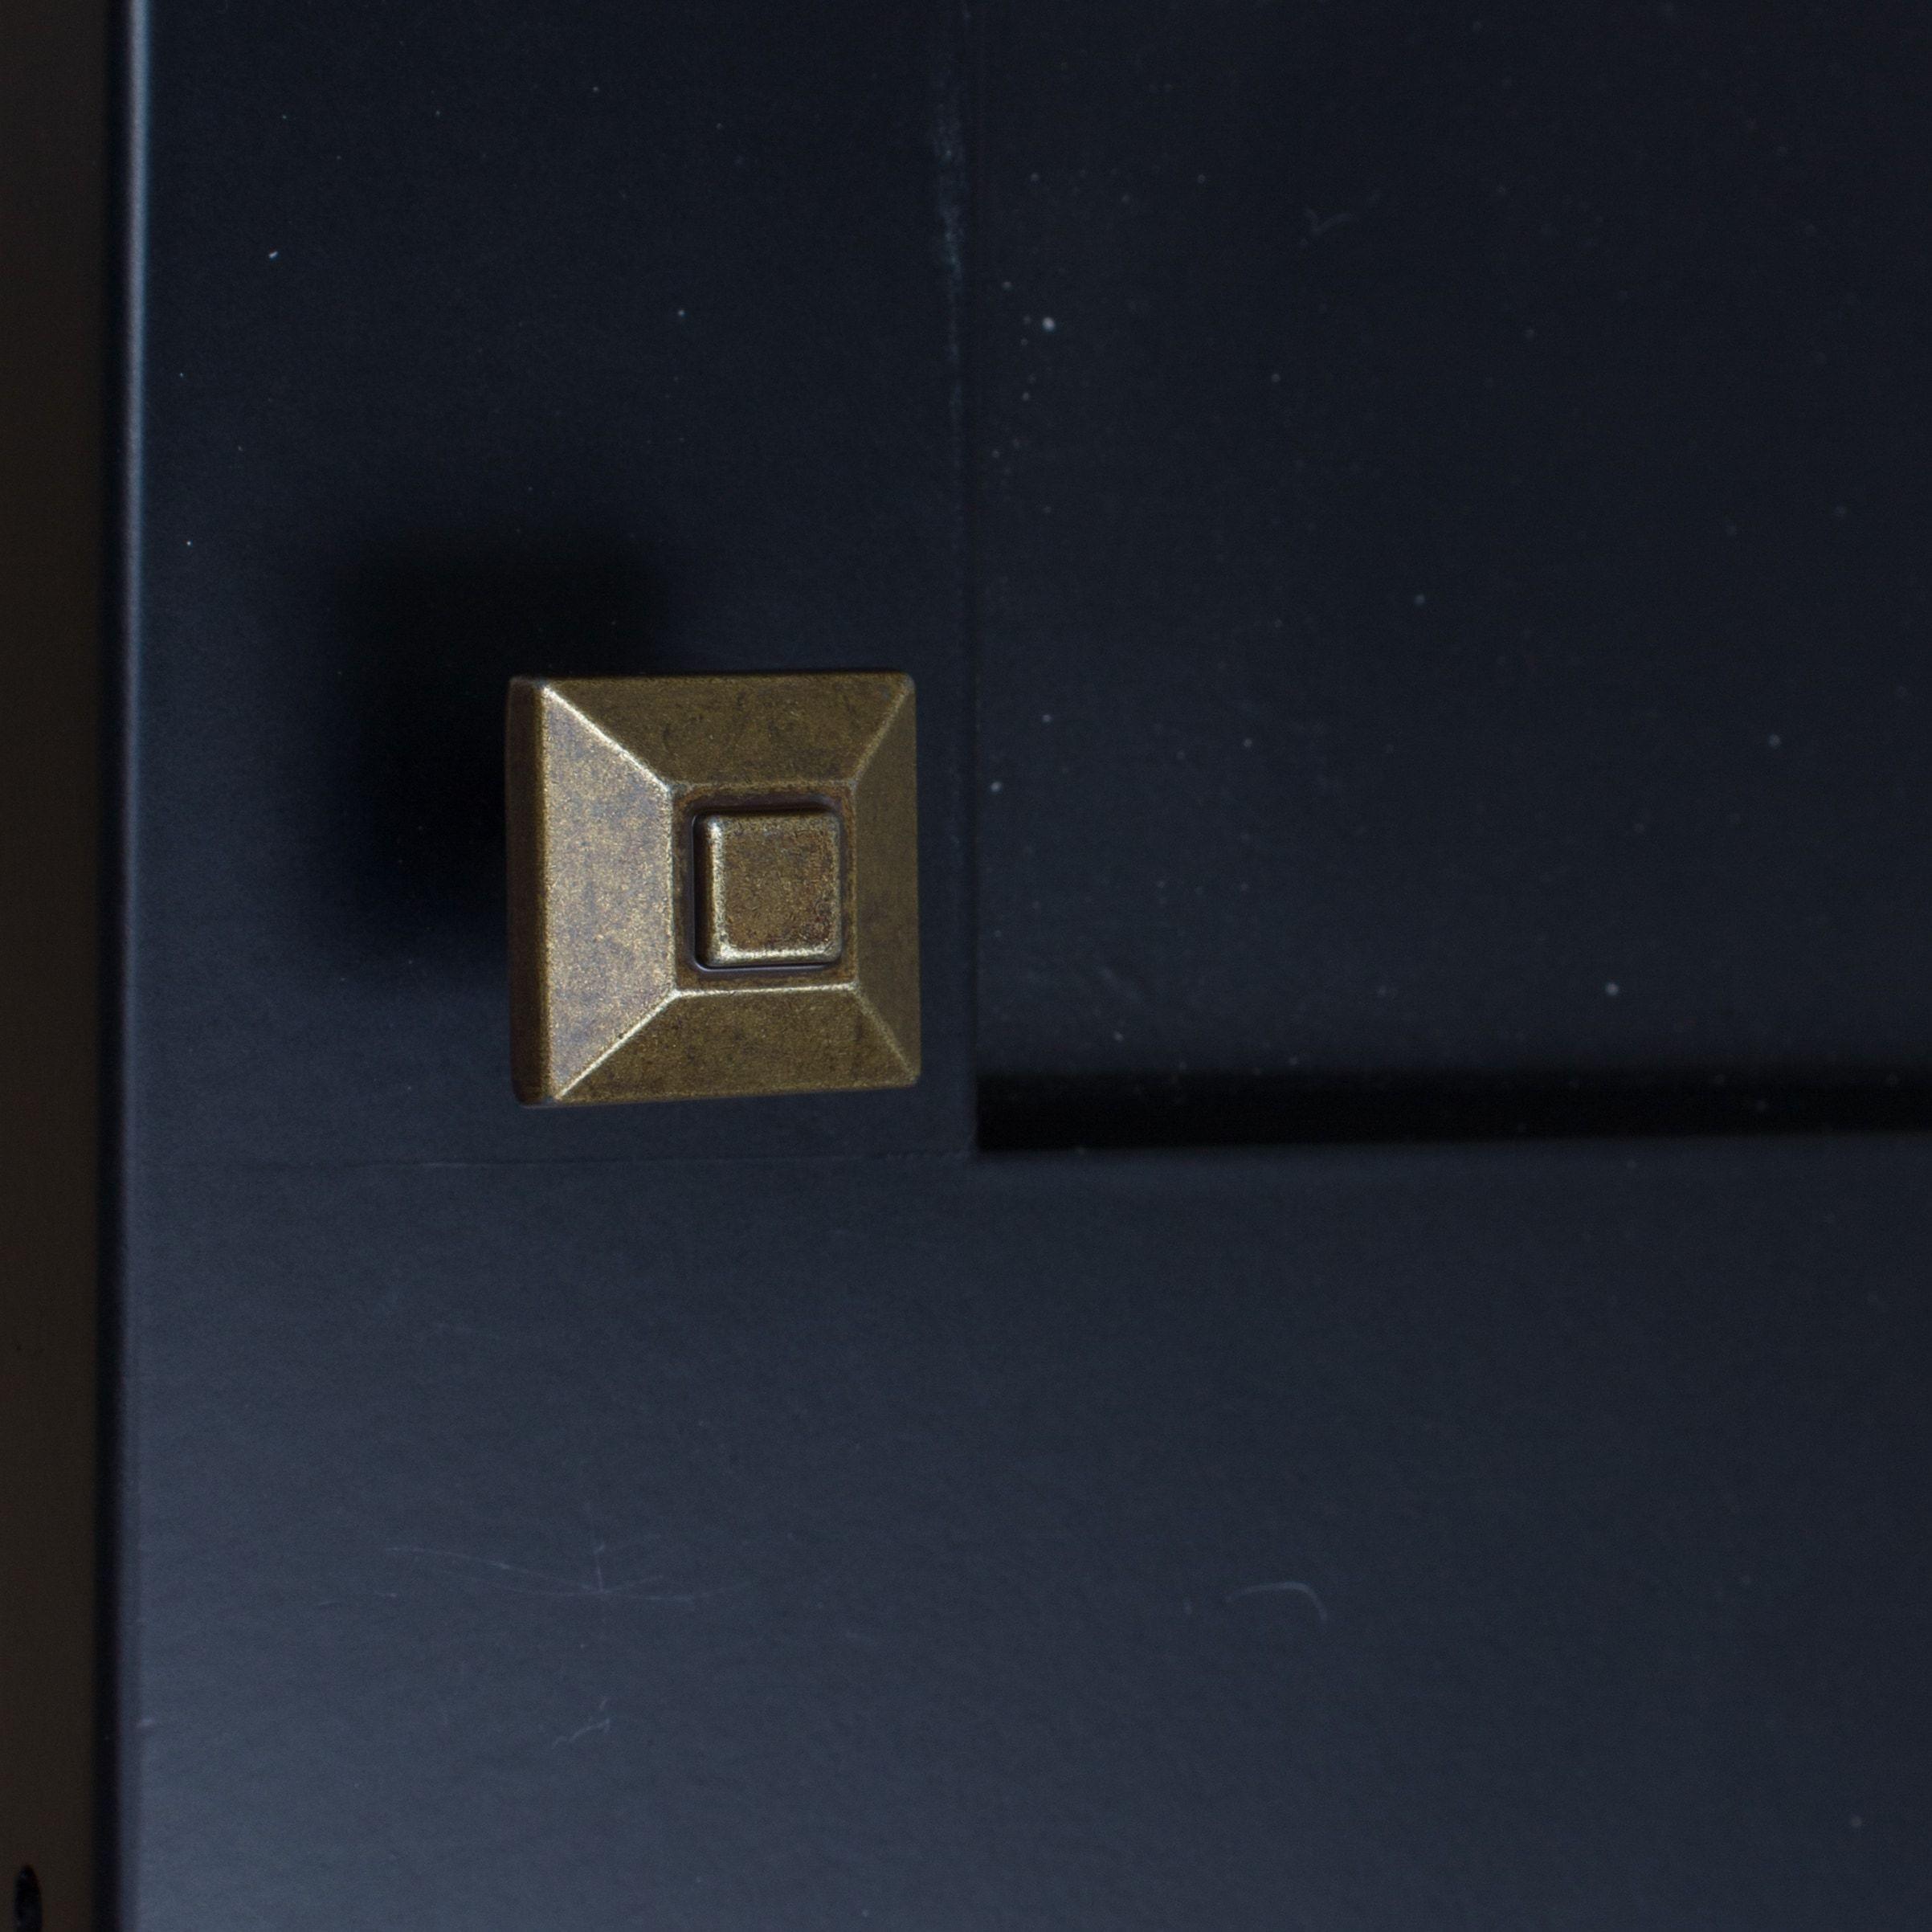 16 for 10 GlideRite 0 875 inch Square Pyramid Antique Brass Cabinet